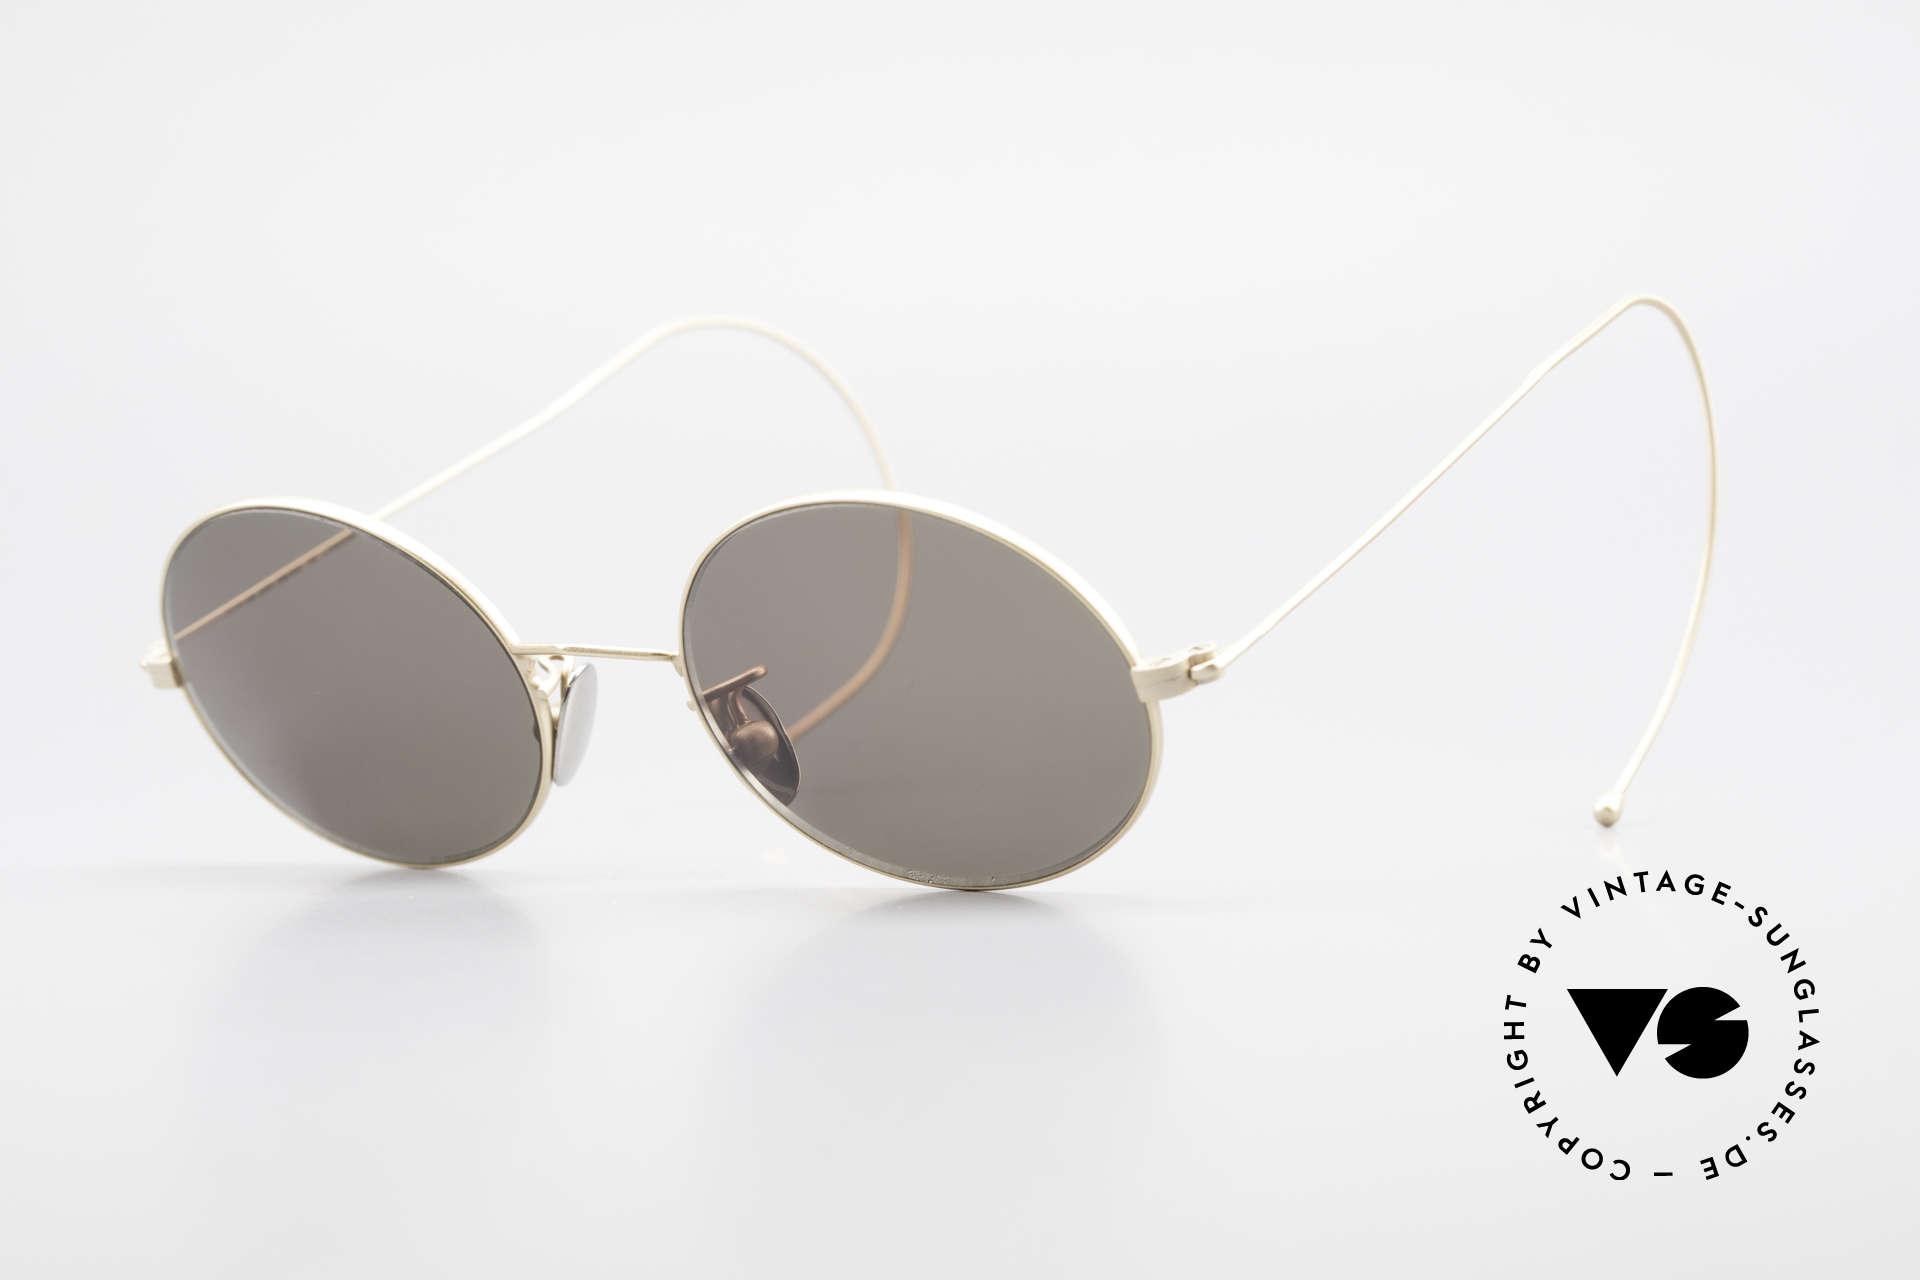 Cutler And Gross 0410 Ovale Brille Mit Sportbügeln, Cutler & Gross London Designerbrille der späten 90er, Passend für Herren und Damen